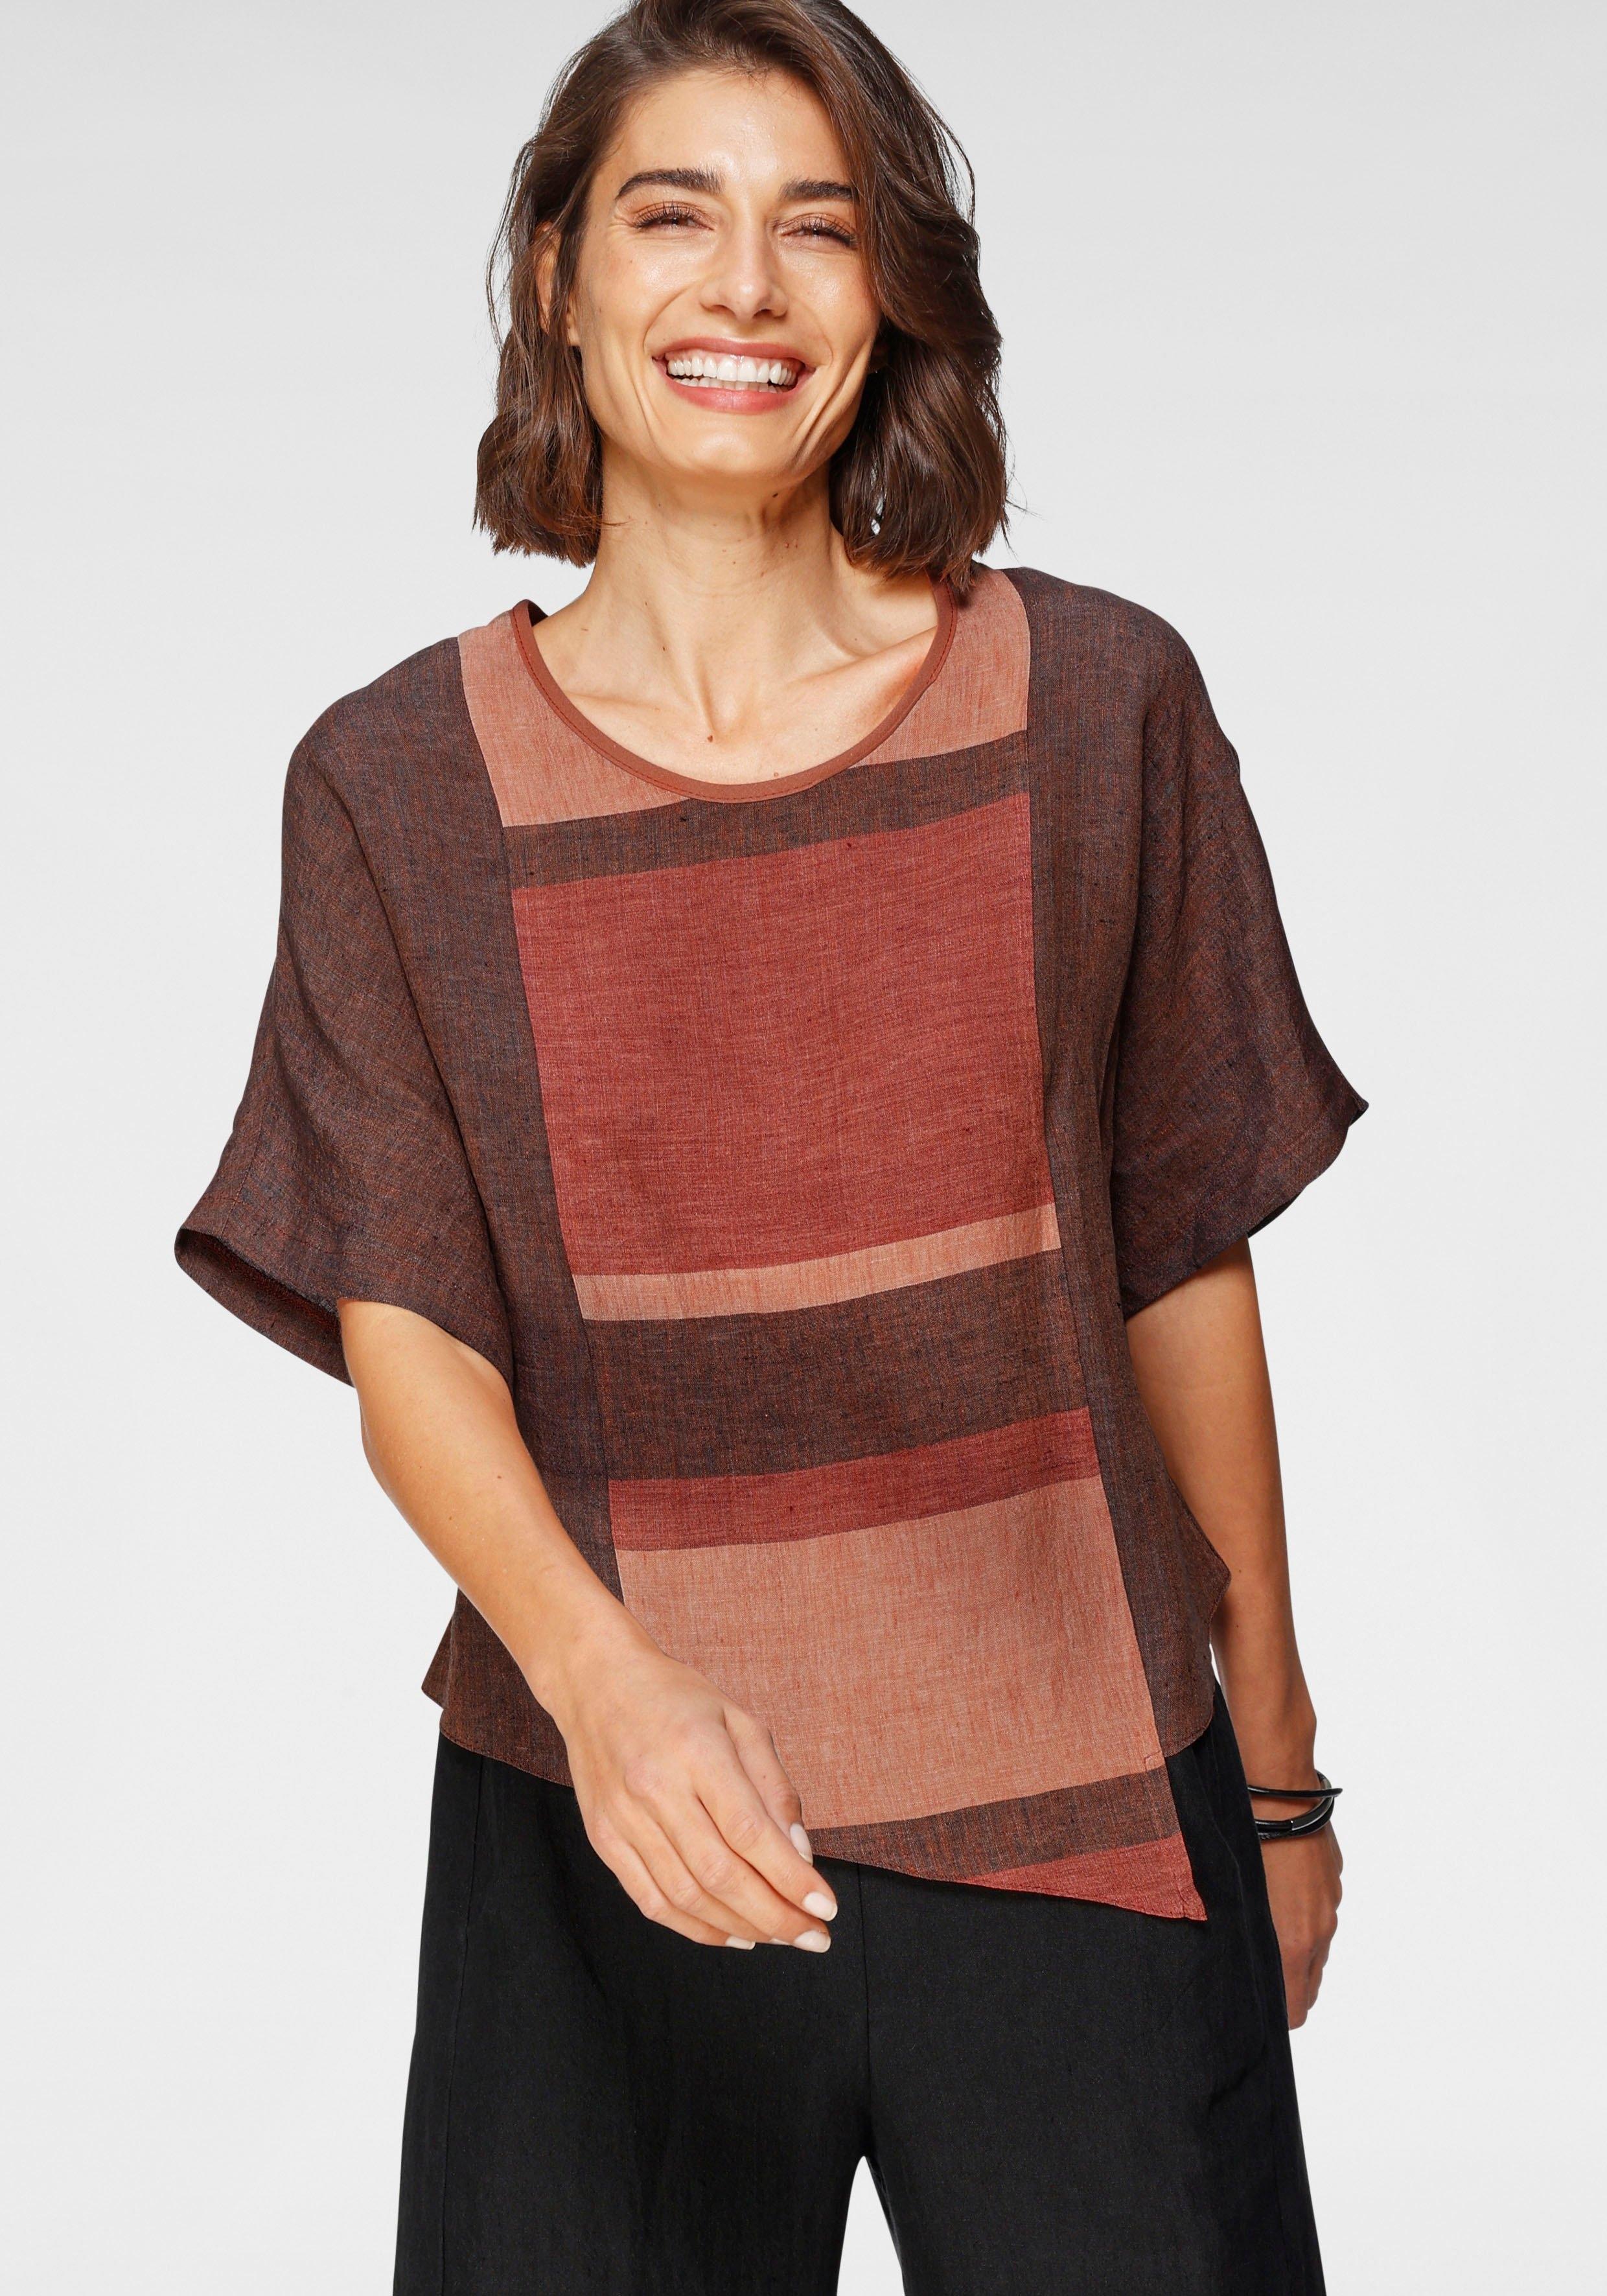 SAMMER Berlin blouse zonder sluiting wijd en kort model, motievenmix voordelig en veilig online kopen